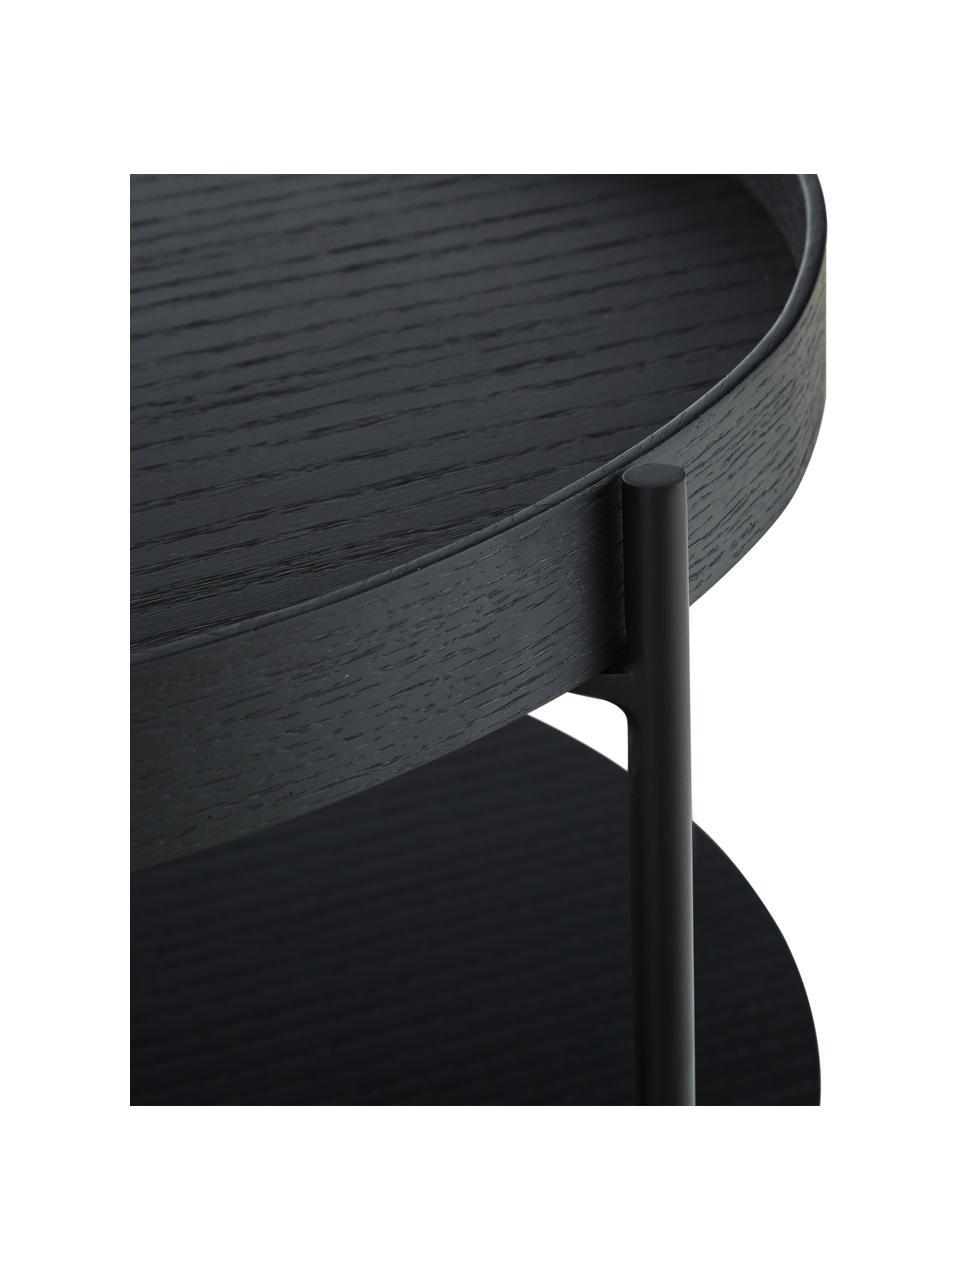 Stolik kawowy z półką Renee, Blat: płyta pilśniowa średniej , Stelaż: metal malowany proszkowo, Blat: czarny Stelaż: czarny, matowy, Ø 69 x W 39 cm